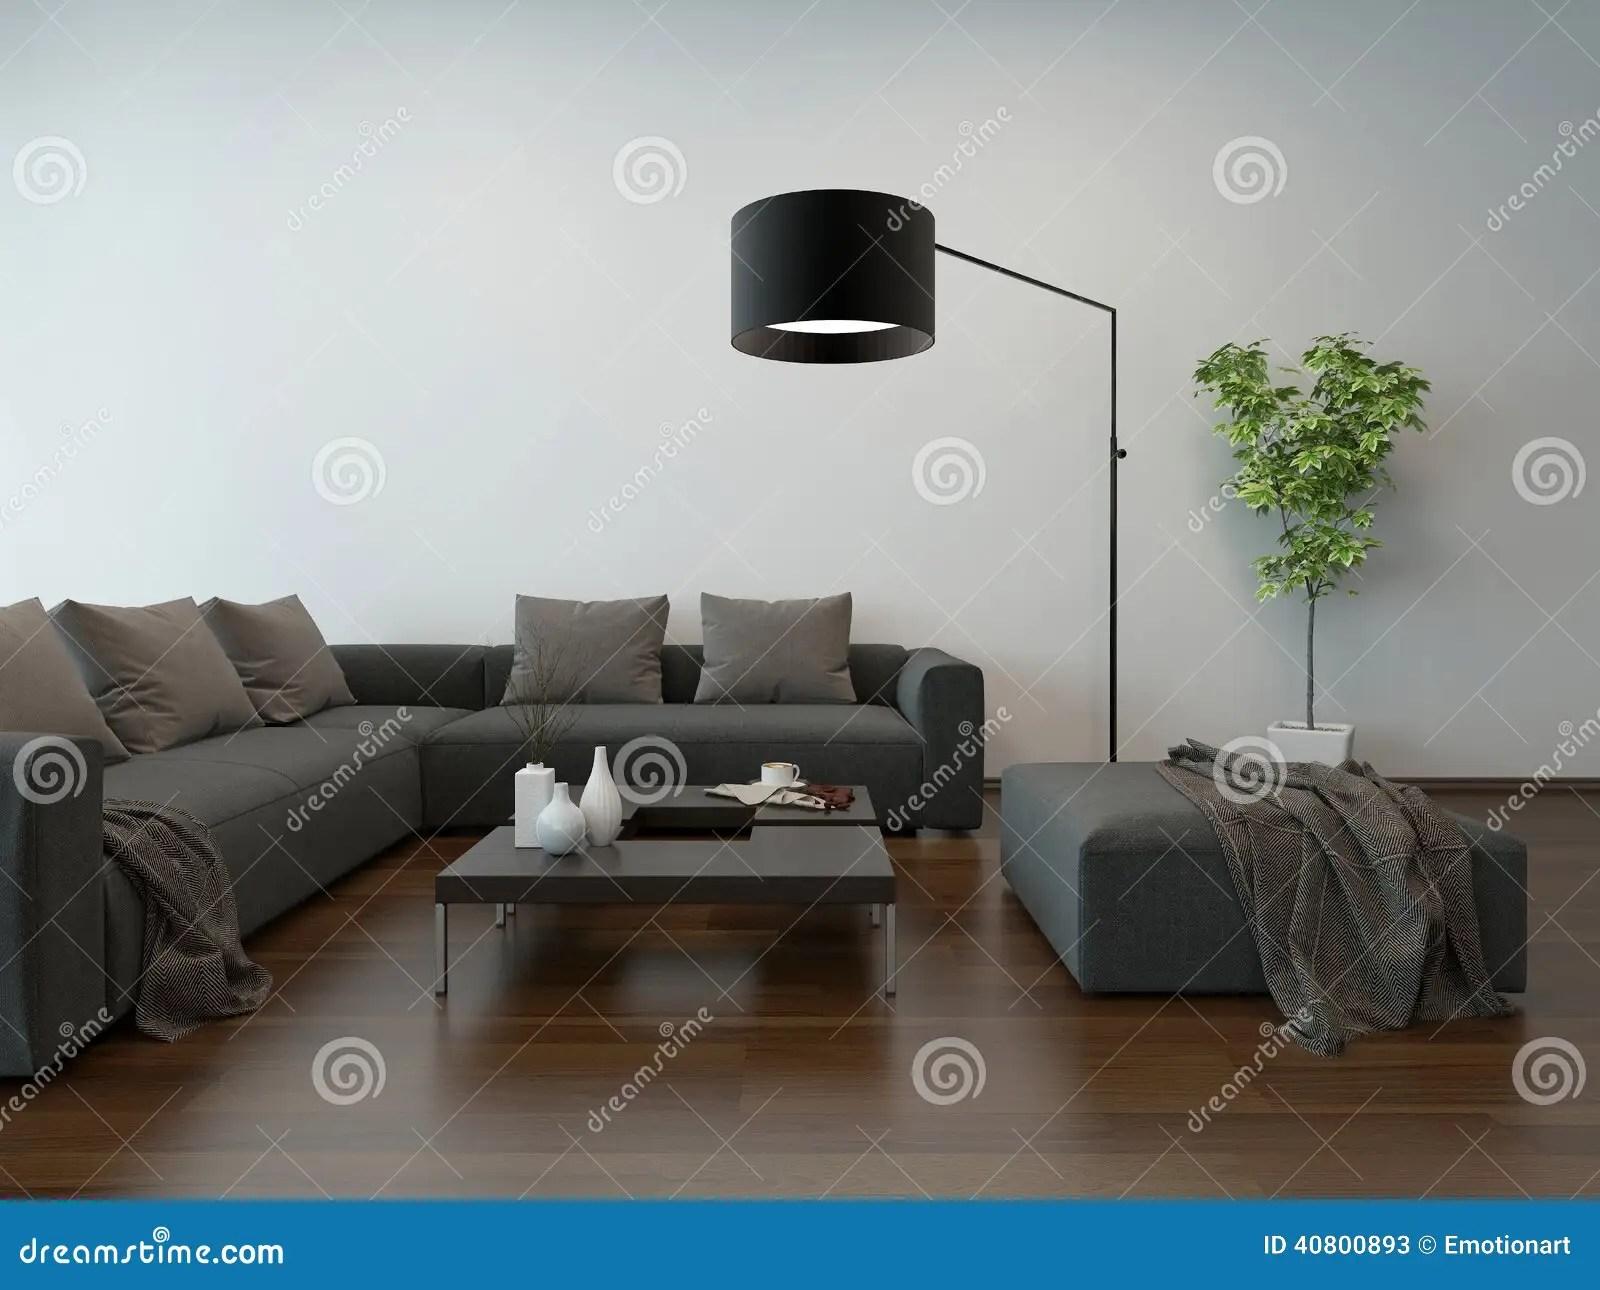 Woonkamer lamp design ikea staande leeslamp tx